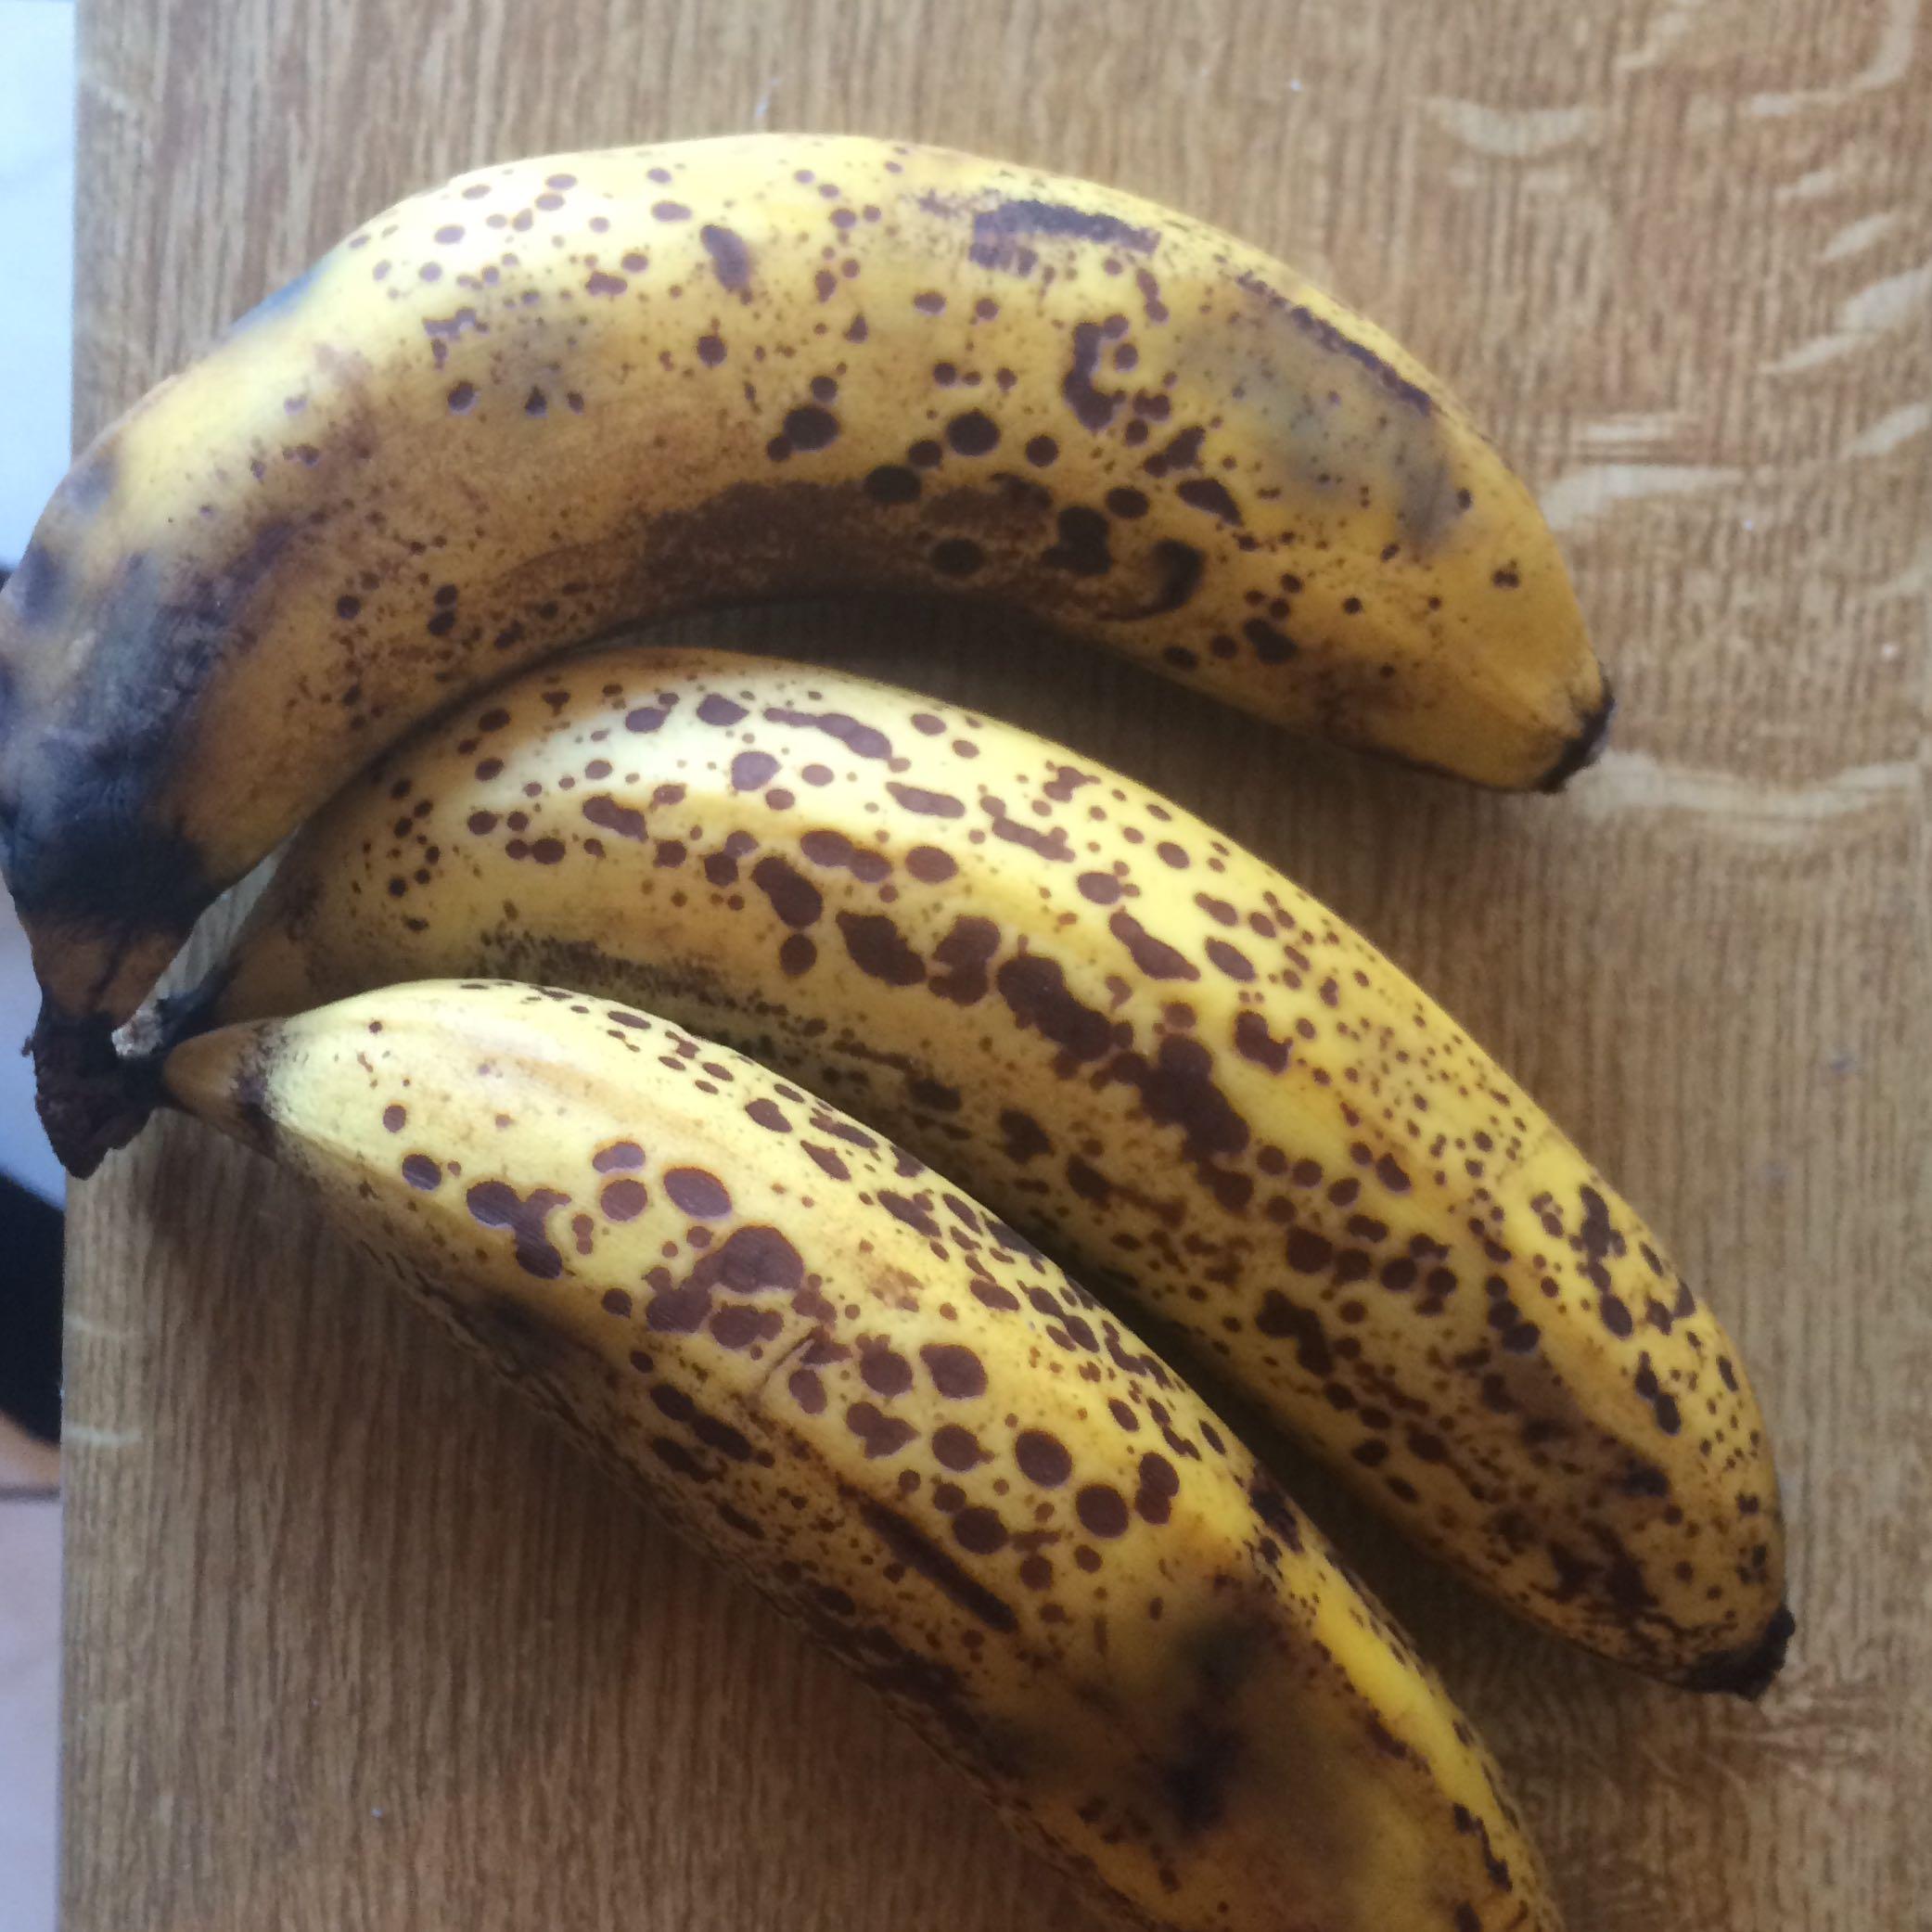 schimmeln die bananen ern hrung obst banane. Black Bedroom Furniture Sets. Home Design Ideas